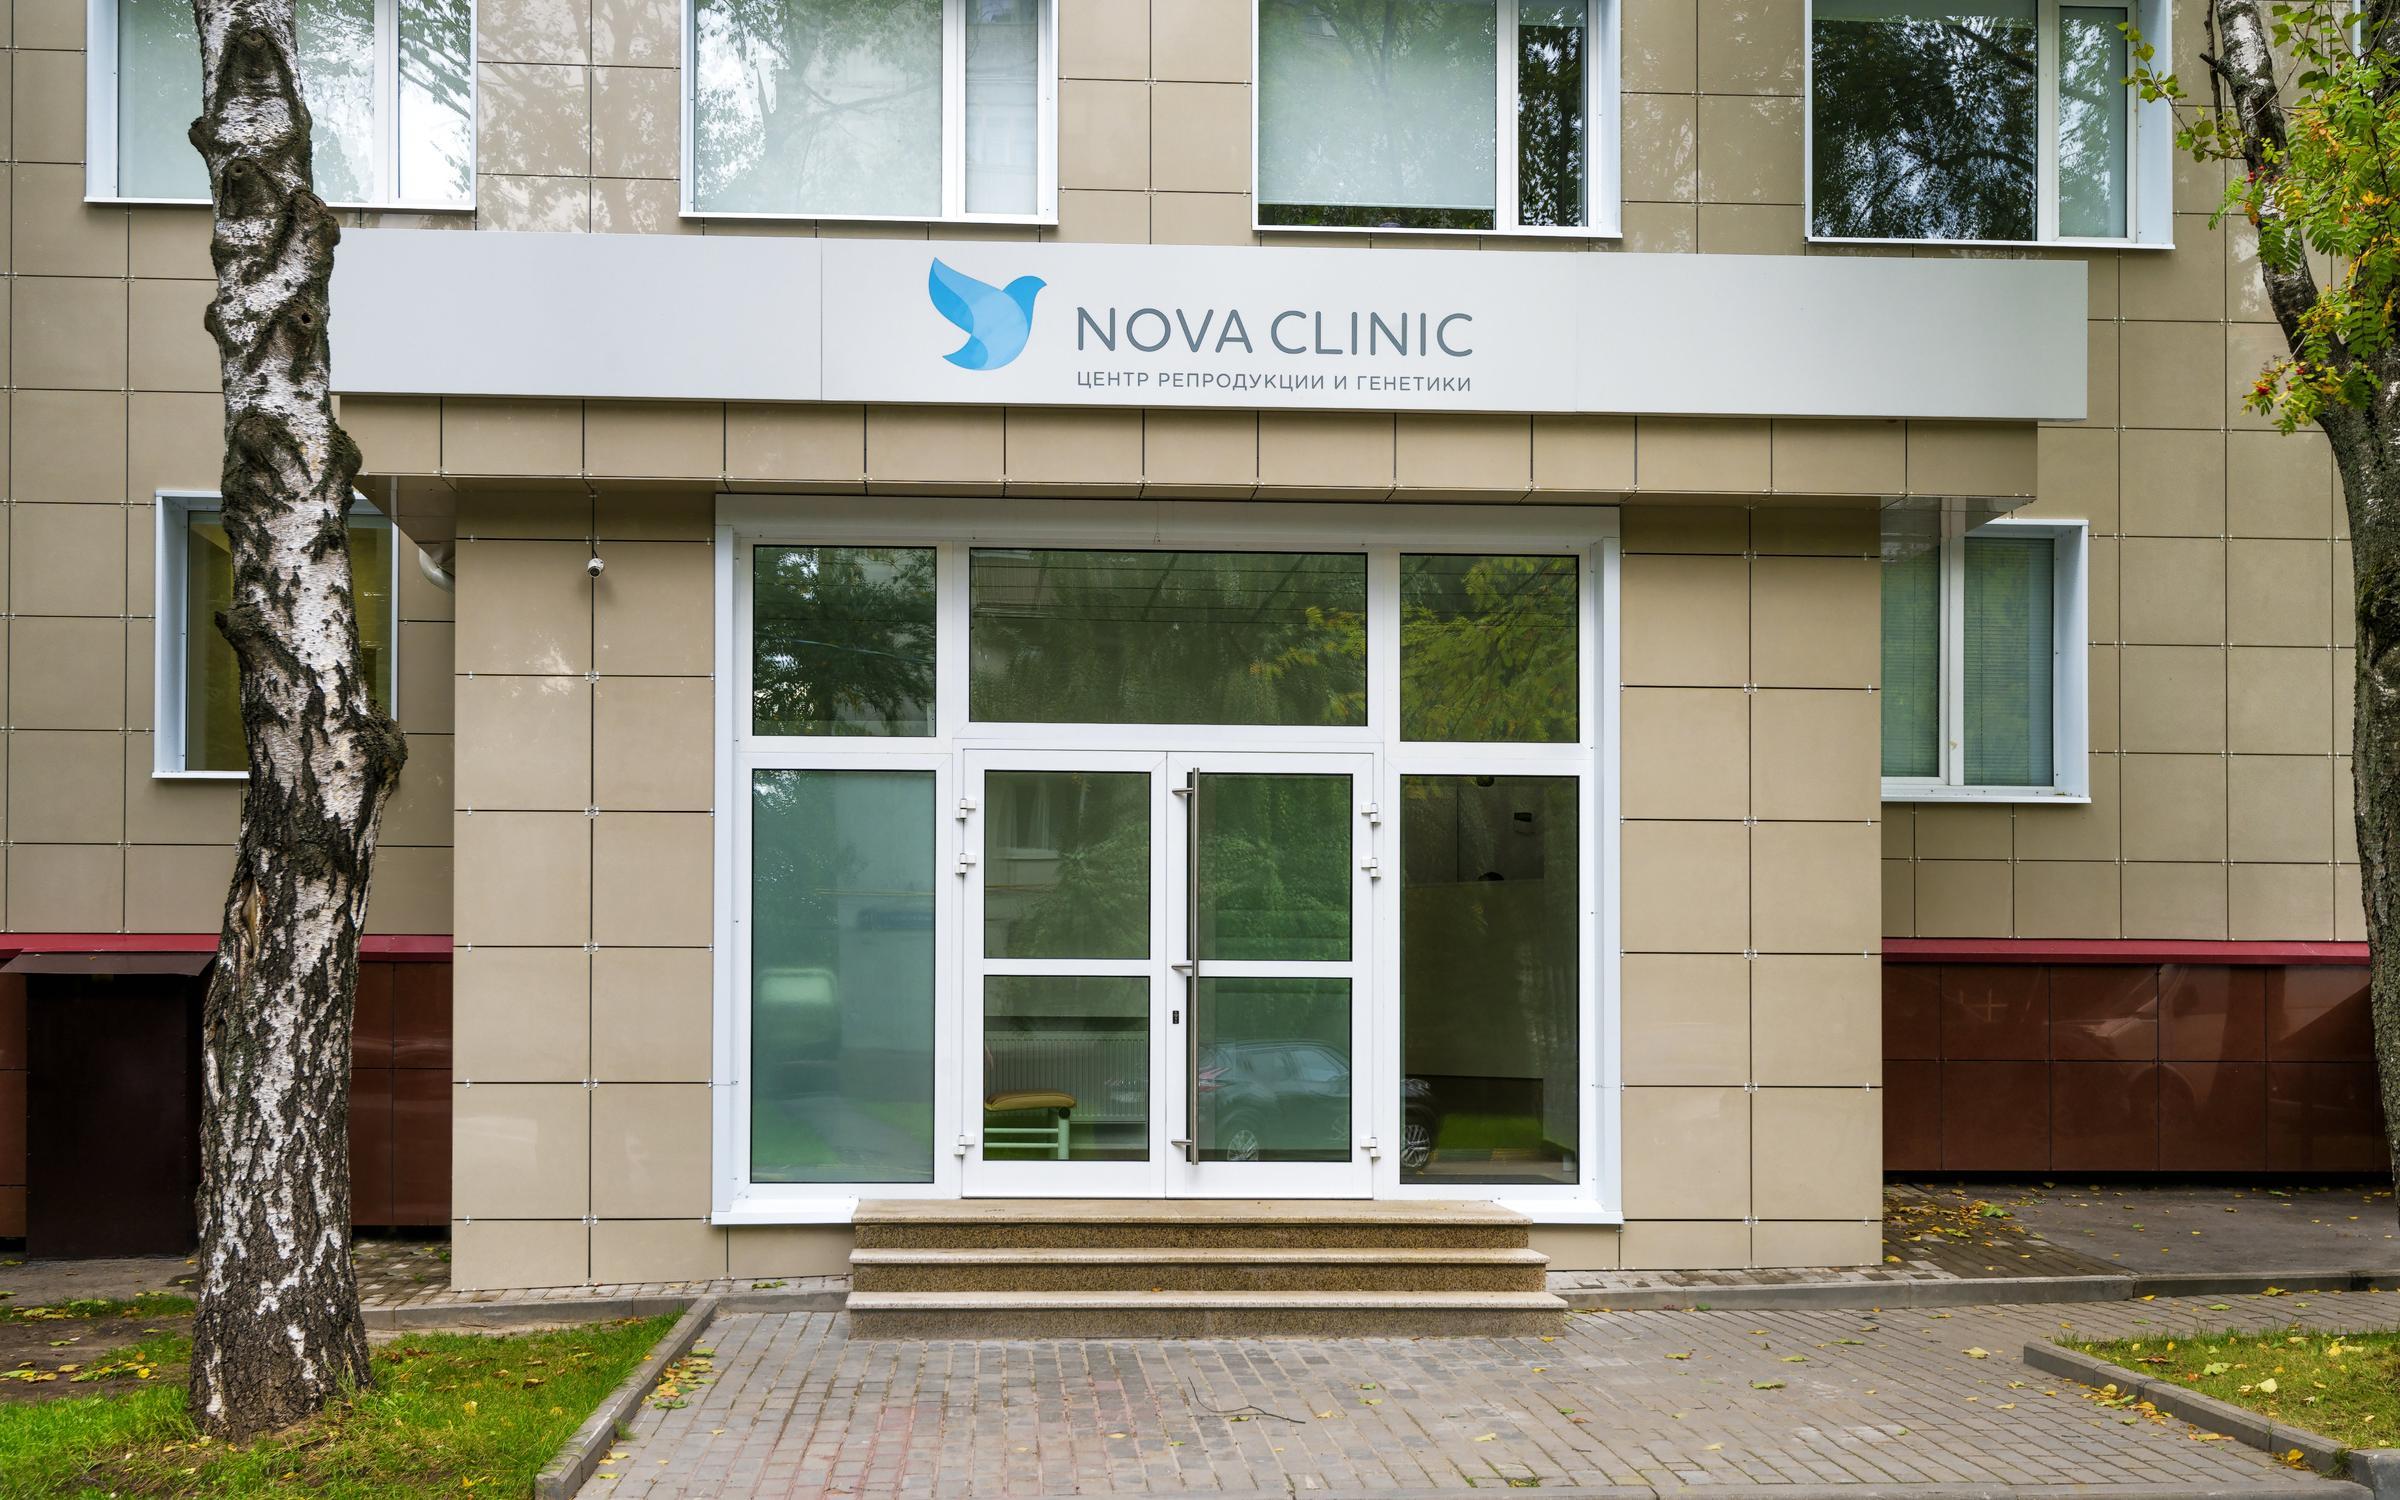 фотография Центра генетики и репродукции Нова Клиник на улице Лобачевского